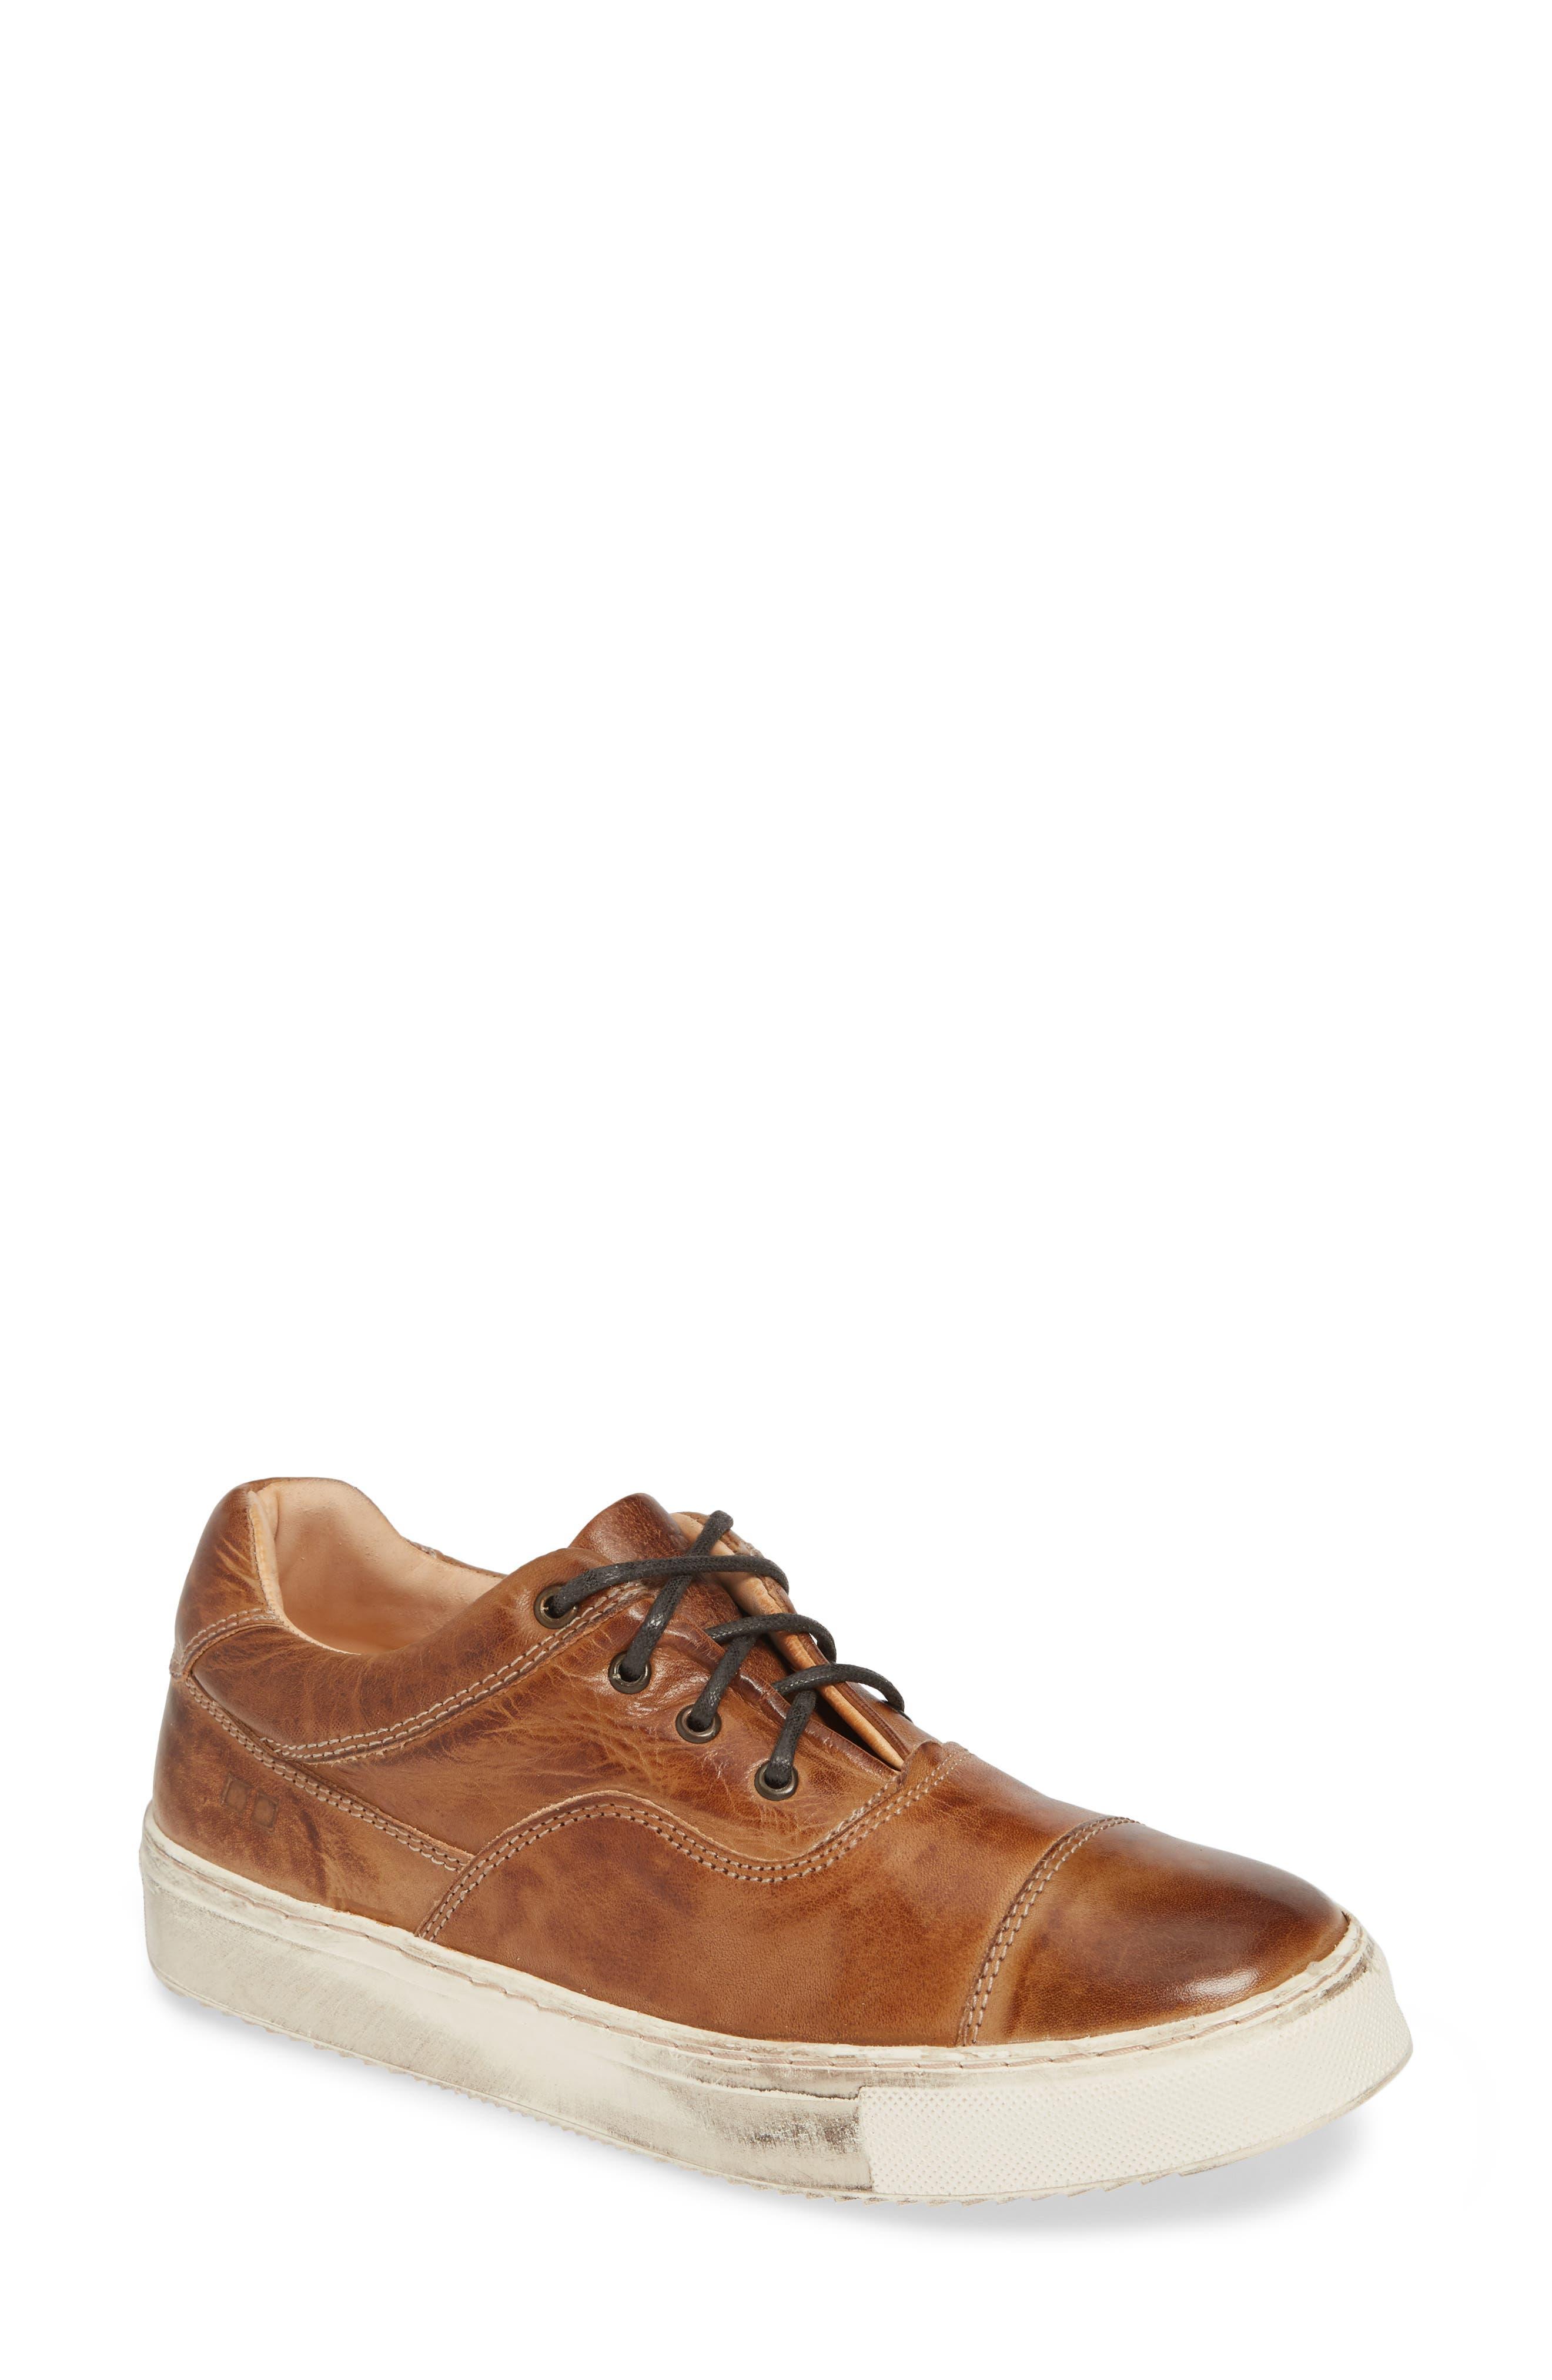 Bed Stu Holly Sneaker- Brown